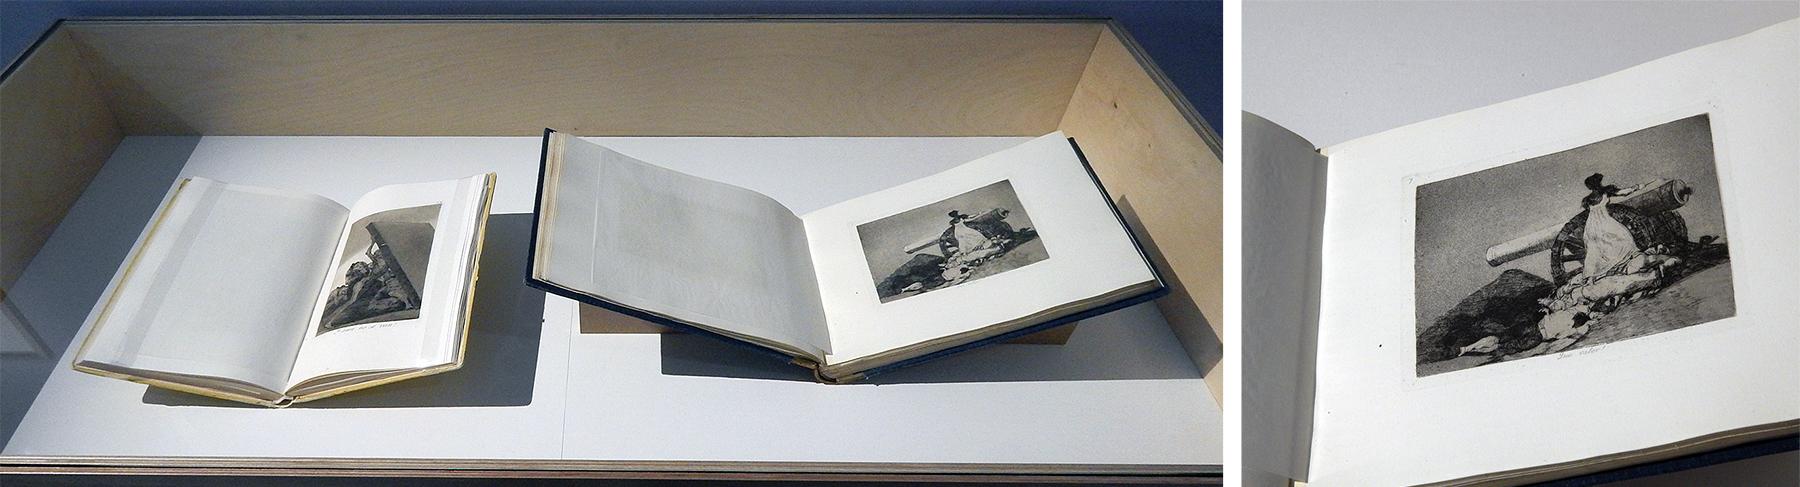 Goya,  Disasters of War  (Spain, 1810-1820)